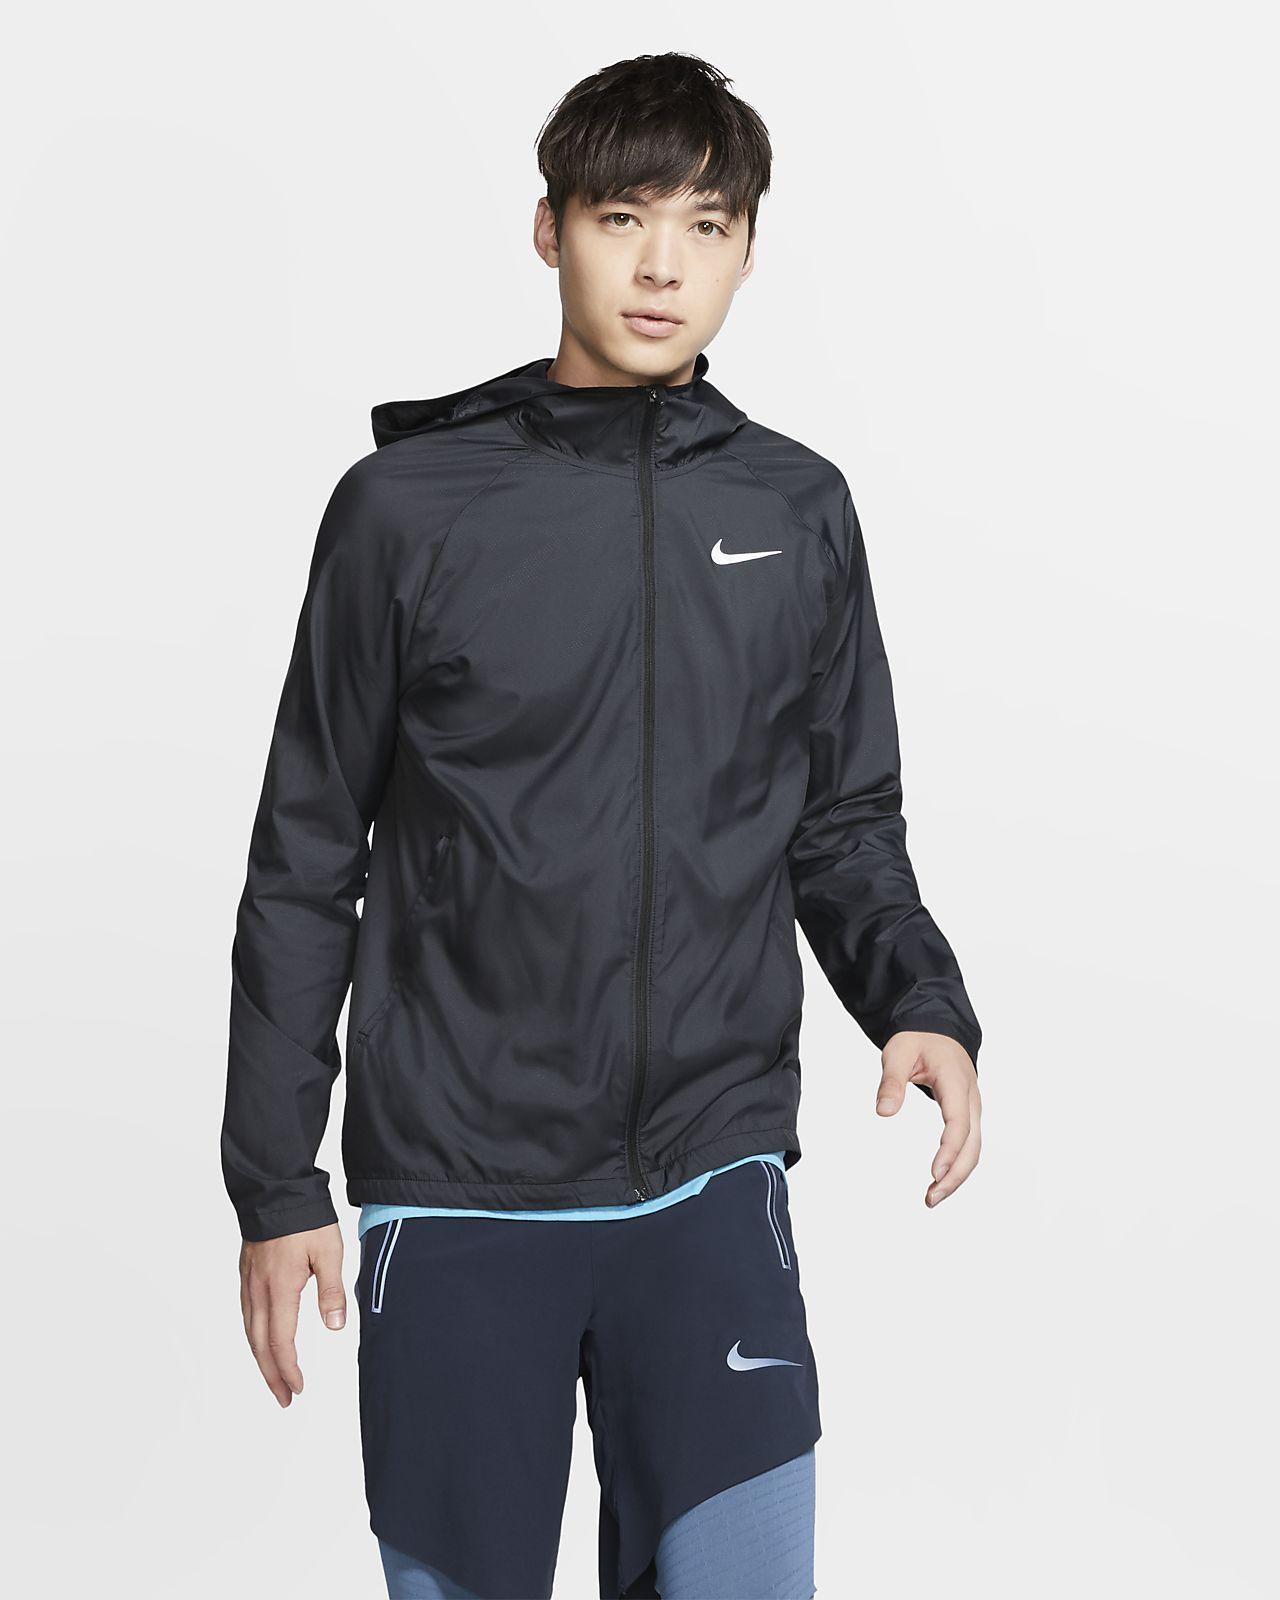 Nike Thermal Hardloopjack Dames